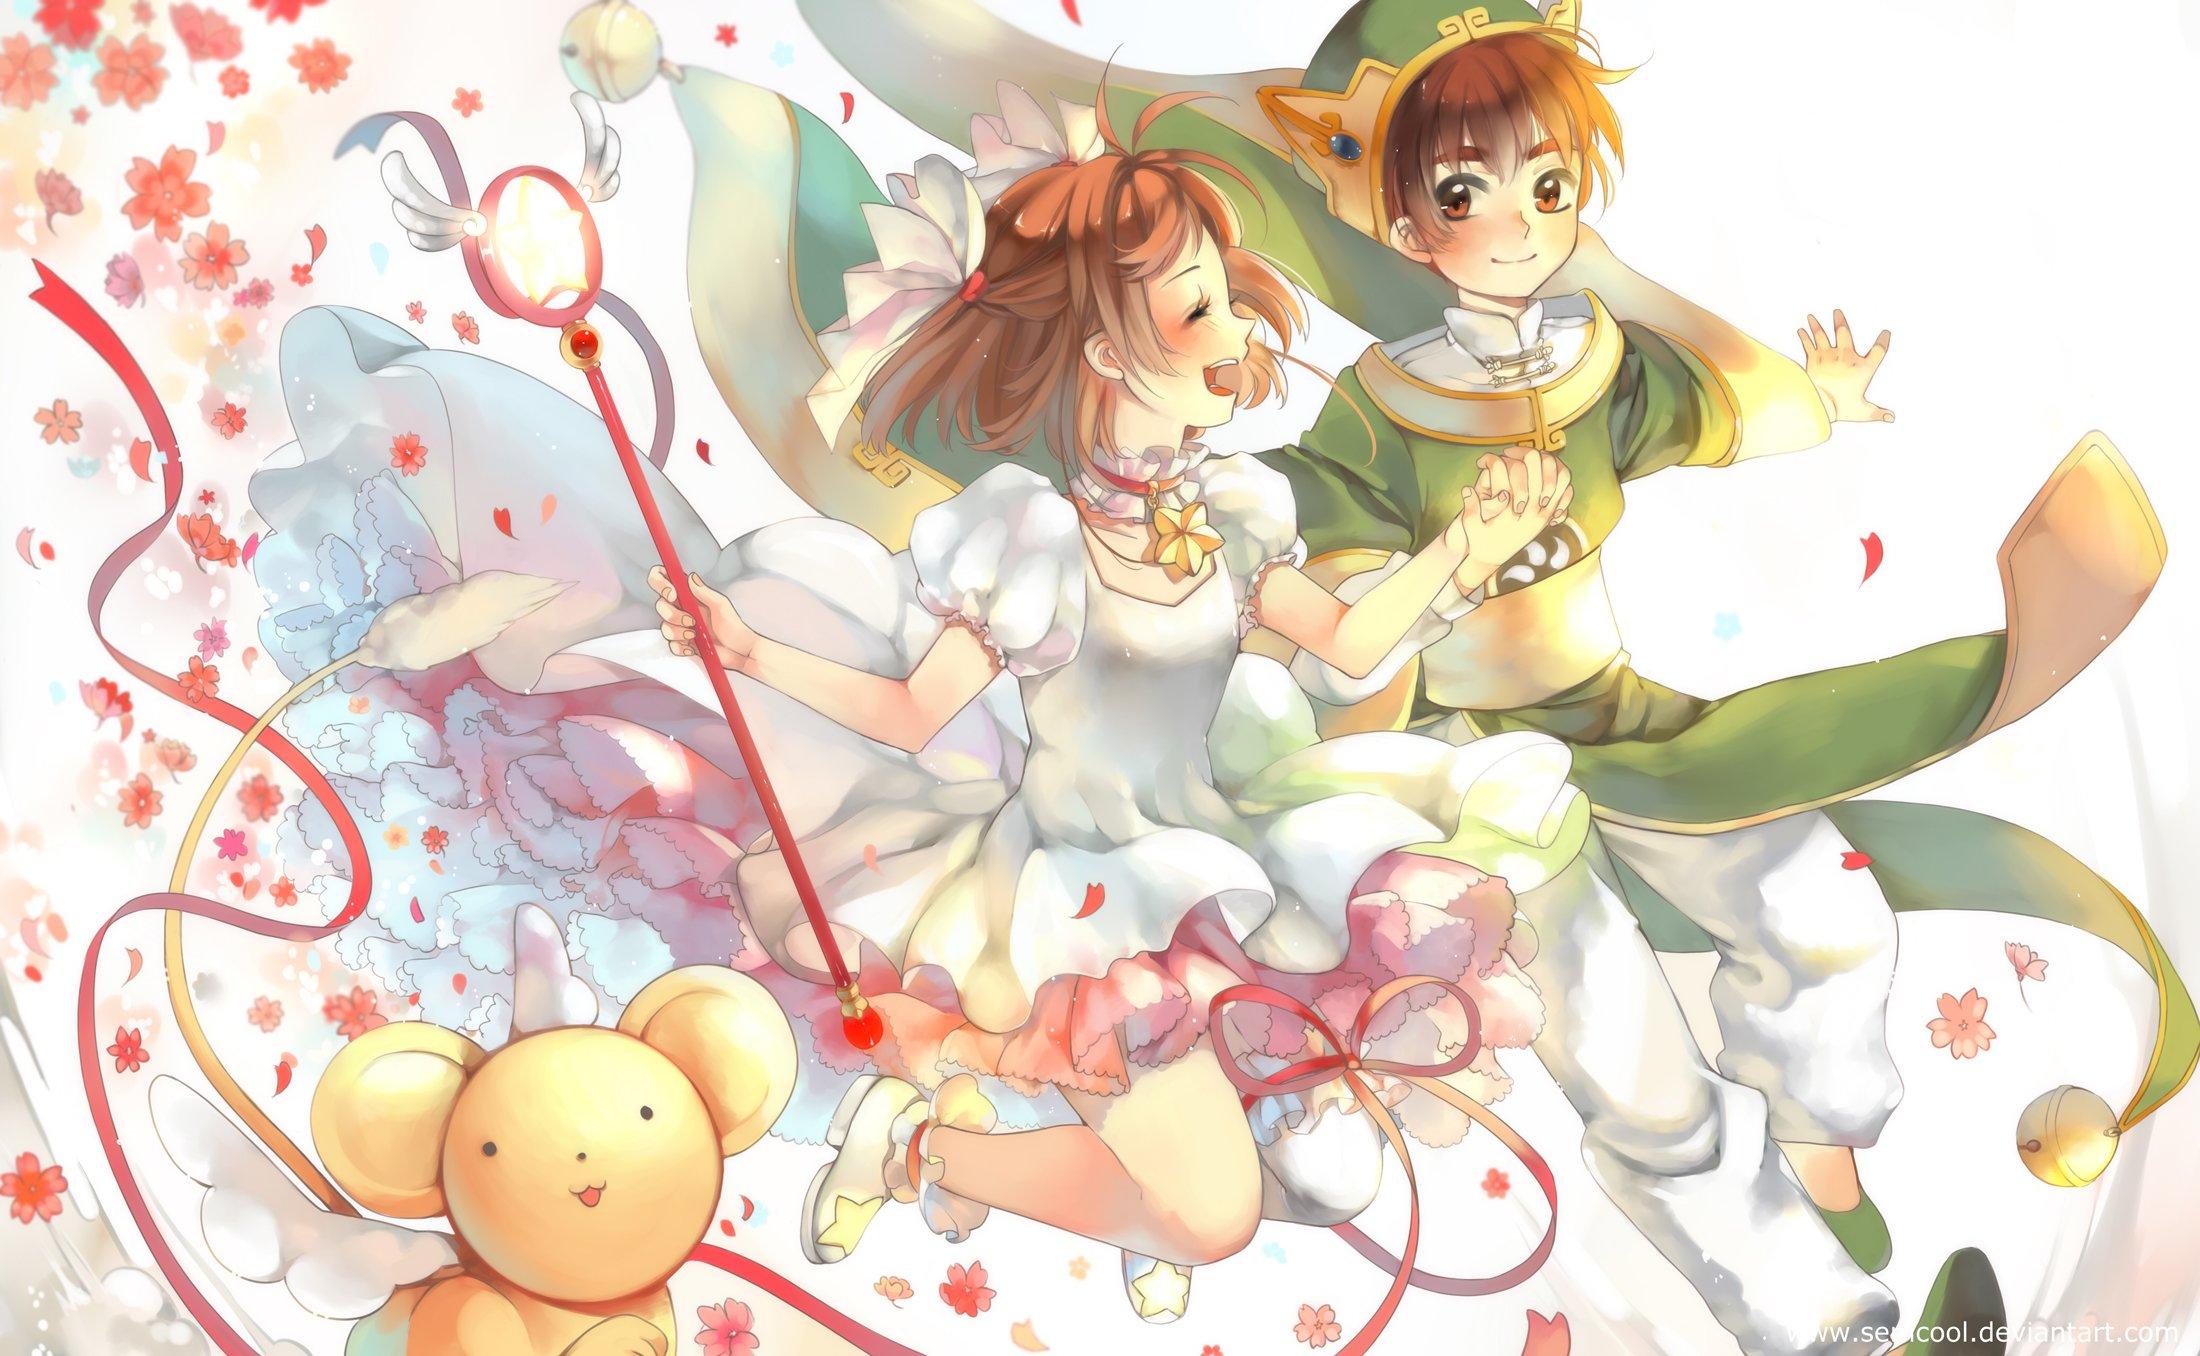 kero chan wallpaper - photo #43